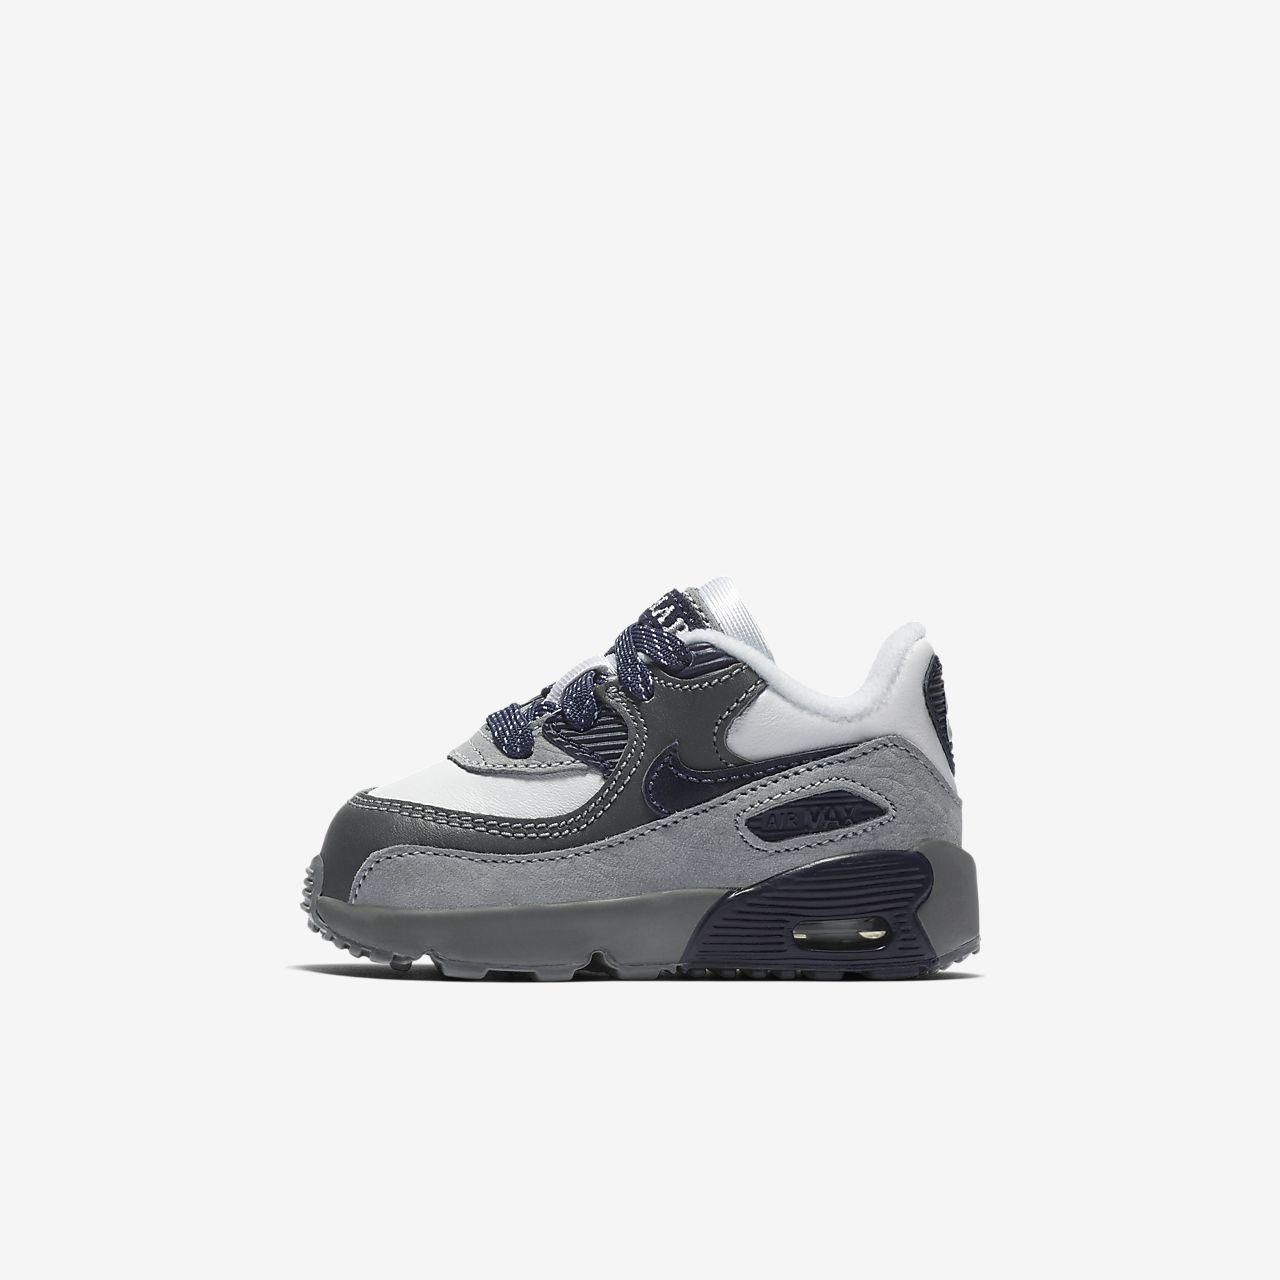 รองเท้าทารก/เด็กวัยหัดเดิน Nike Air Max 90 QS